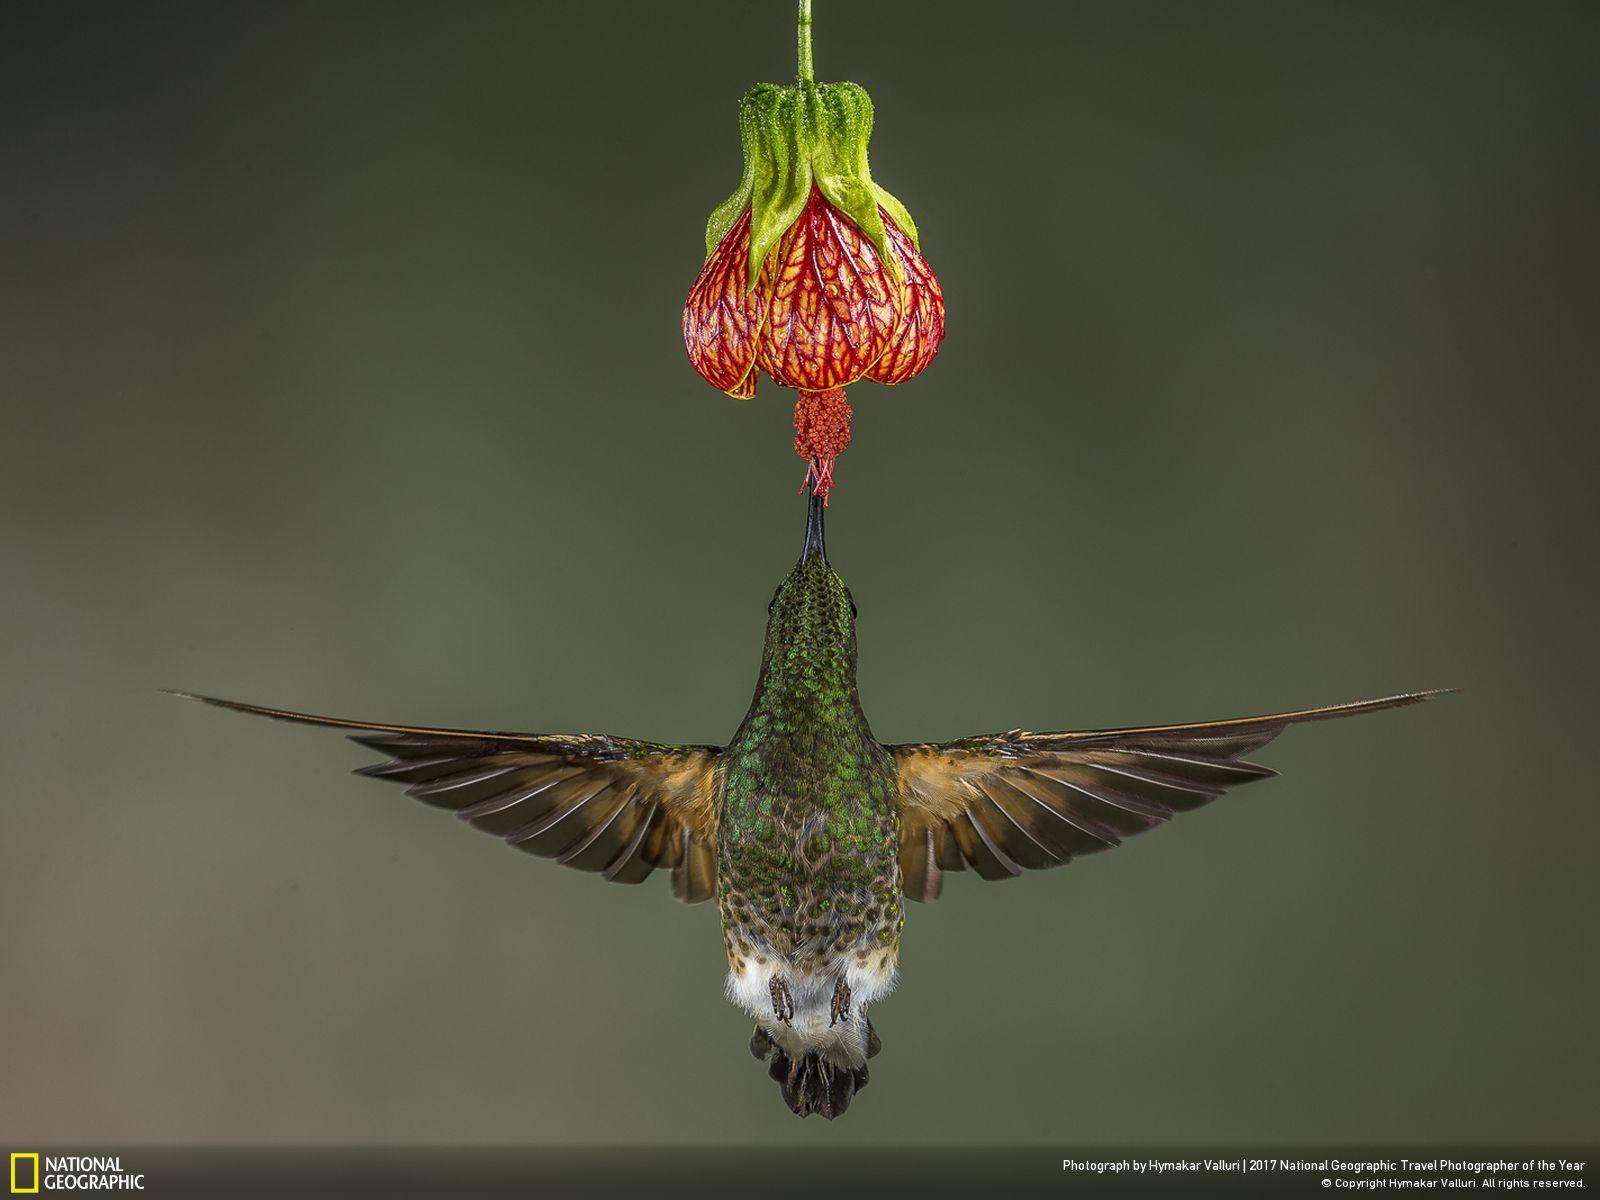 Πώς να πάρει ένα μεγάλο πουλί για δωρεάν